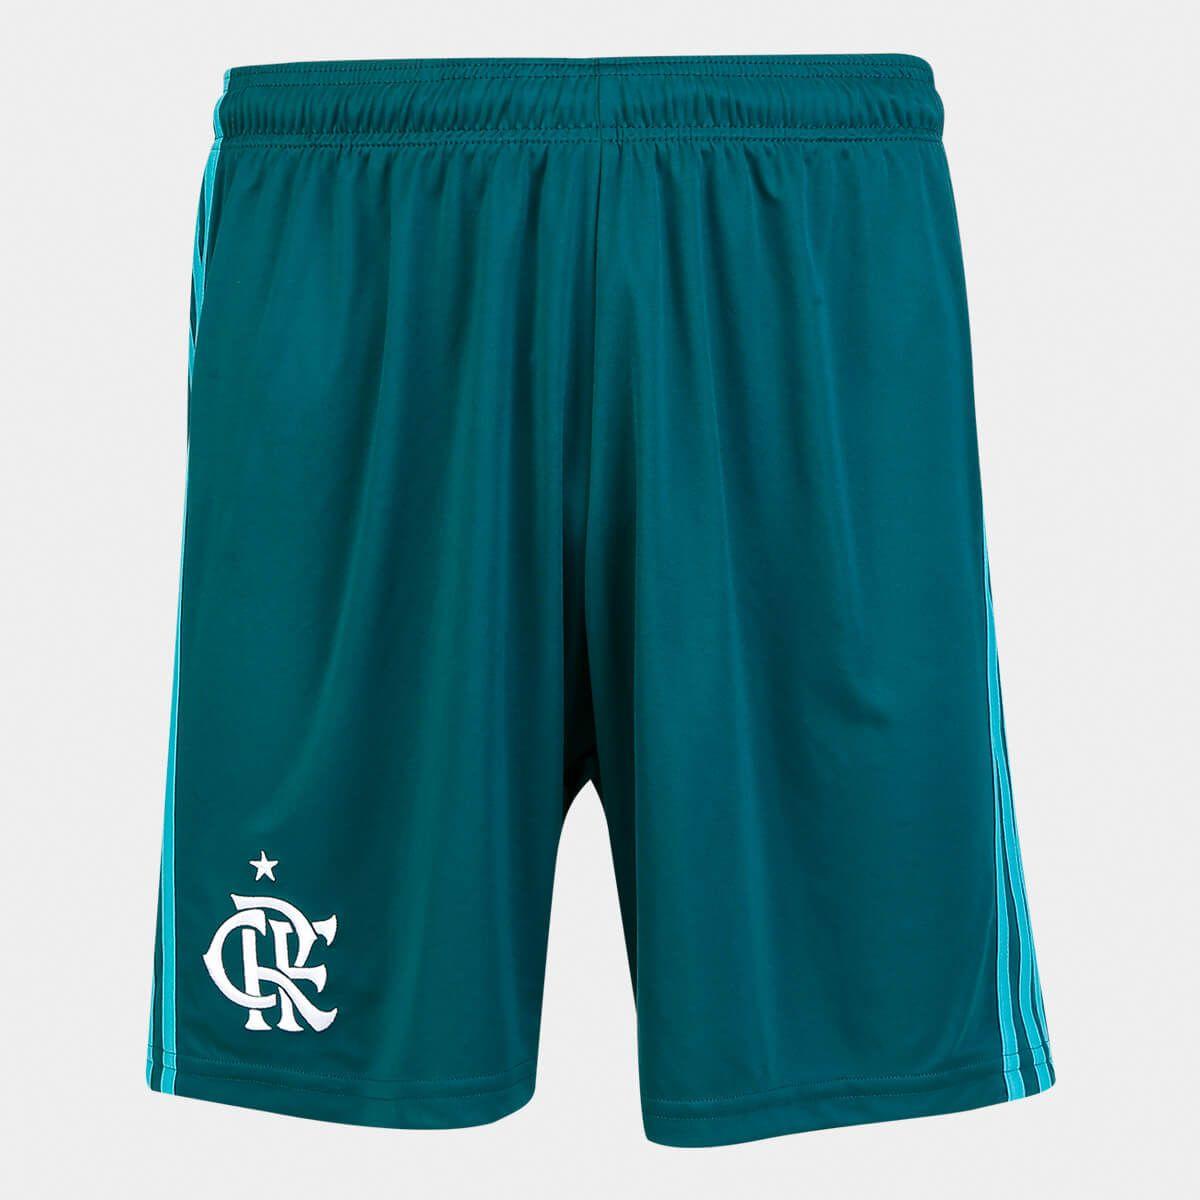 Calção Masculino Adidas Goleiro Flamengo